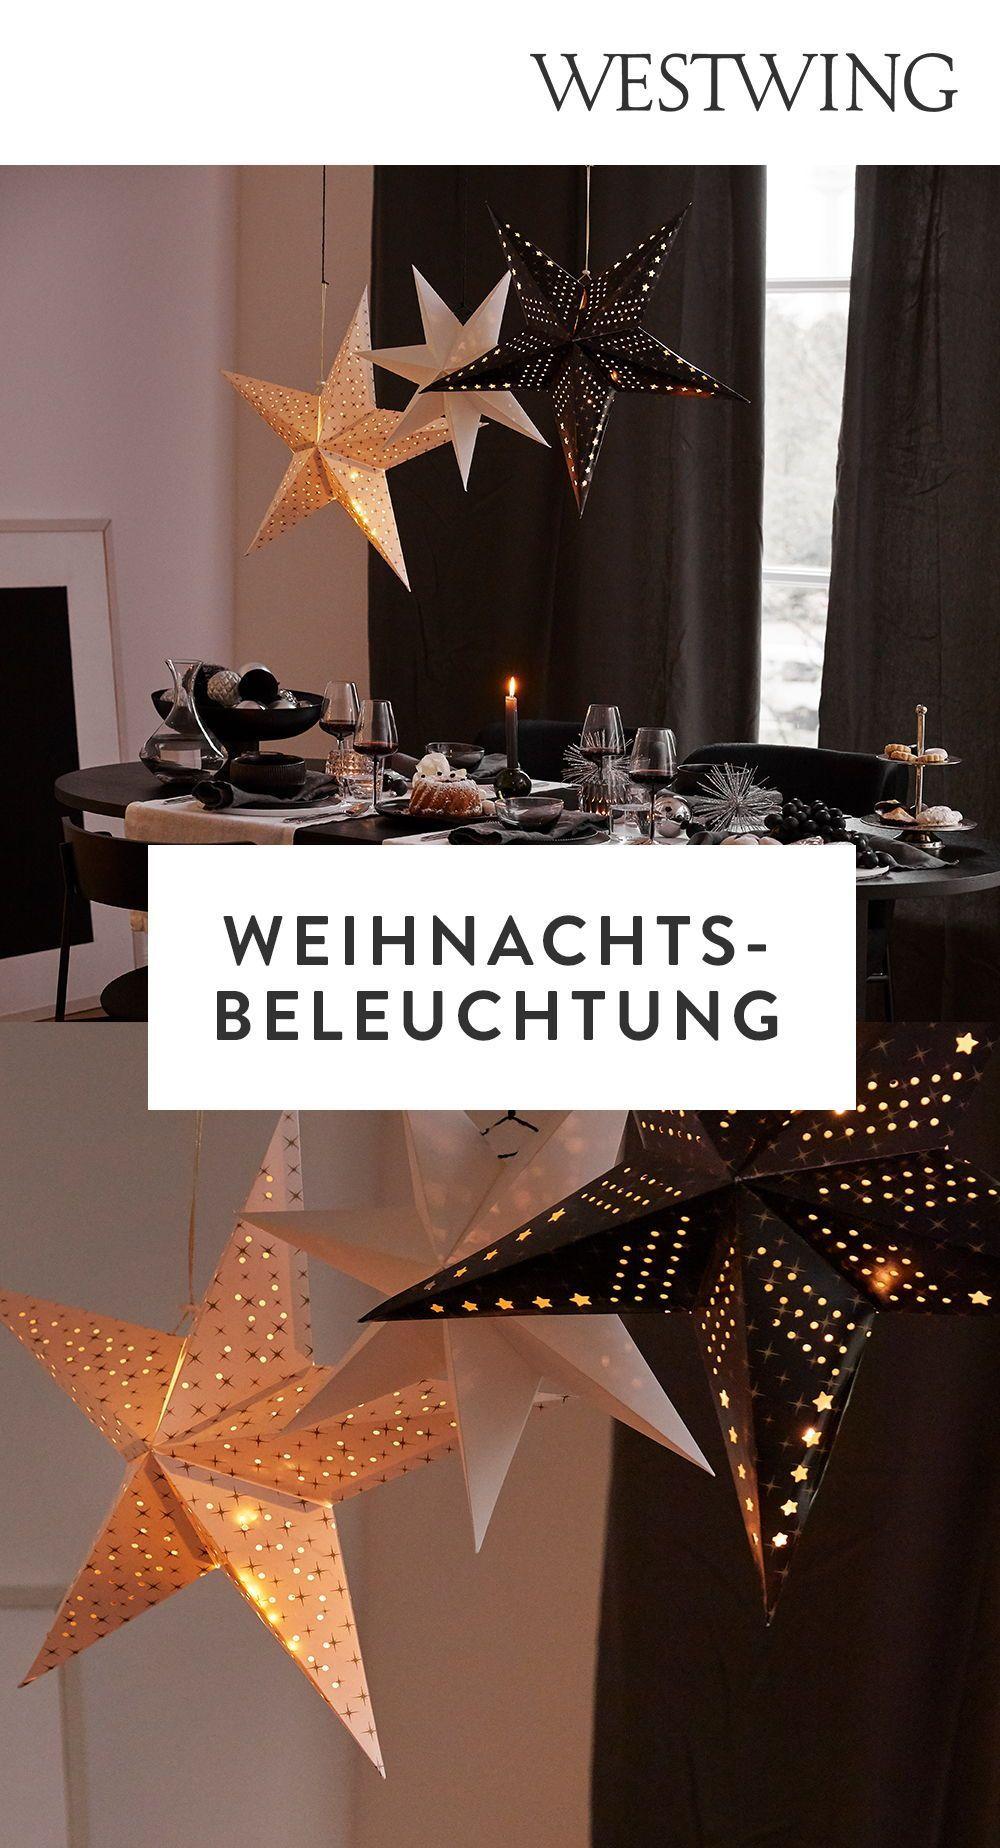 Festliche Weihnachtsbeleuchtung